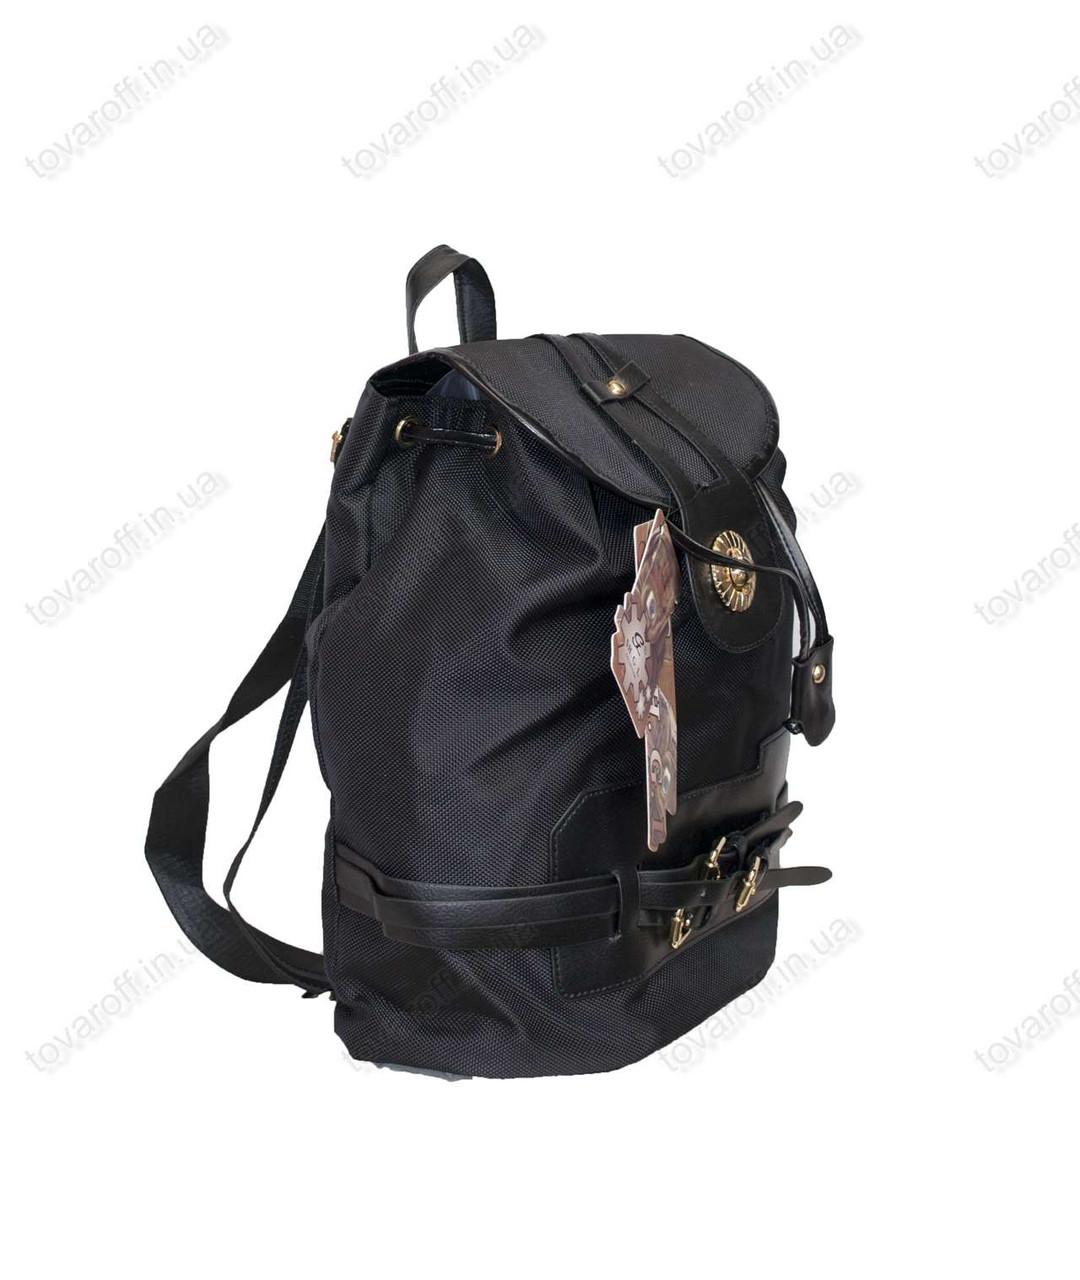 Рюкзак для девочки - Черный - 2014